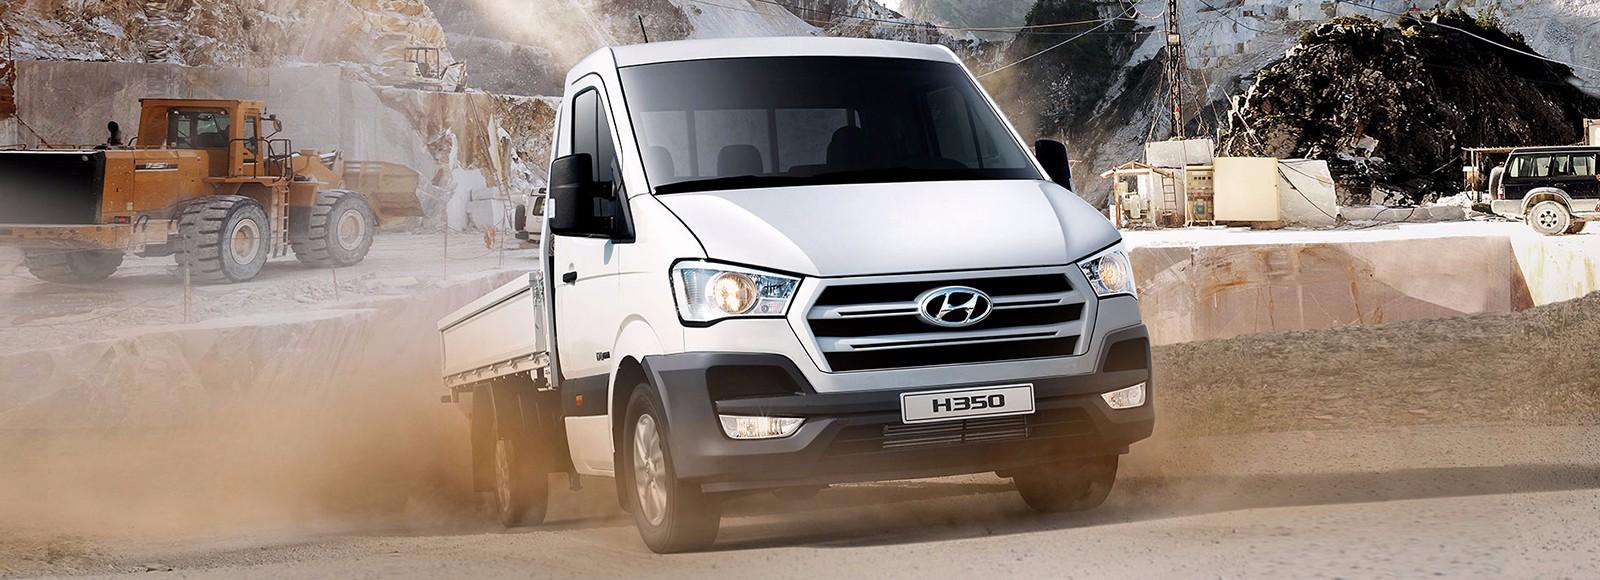 Hyundai Solati được thiết kế thành xe chở hàng